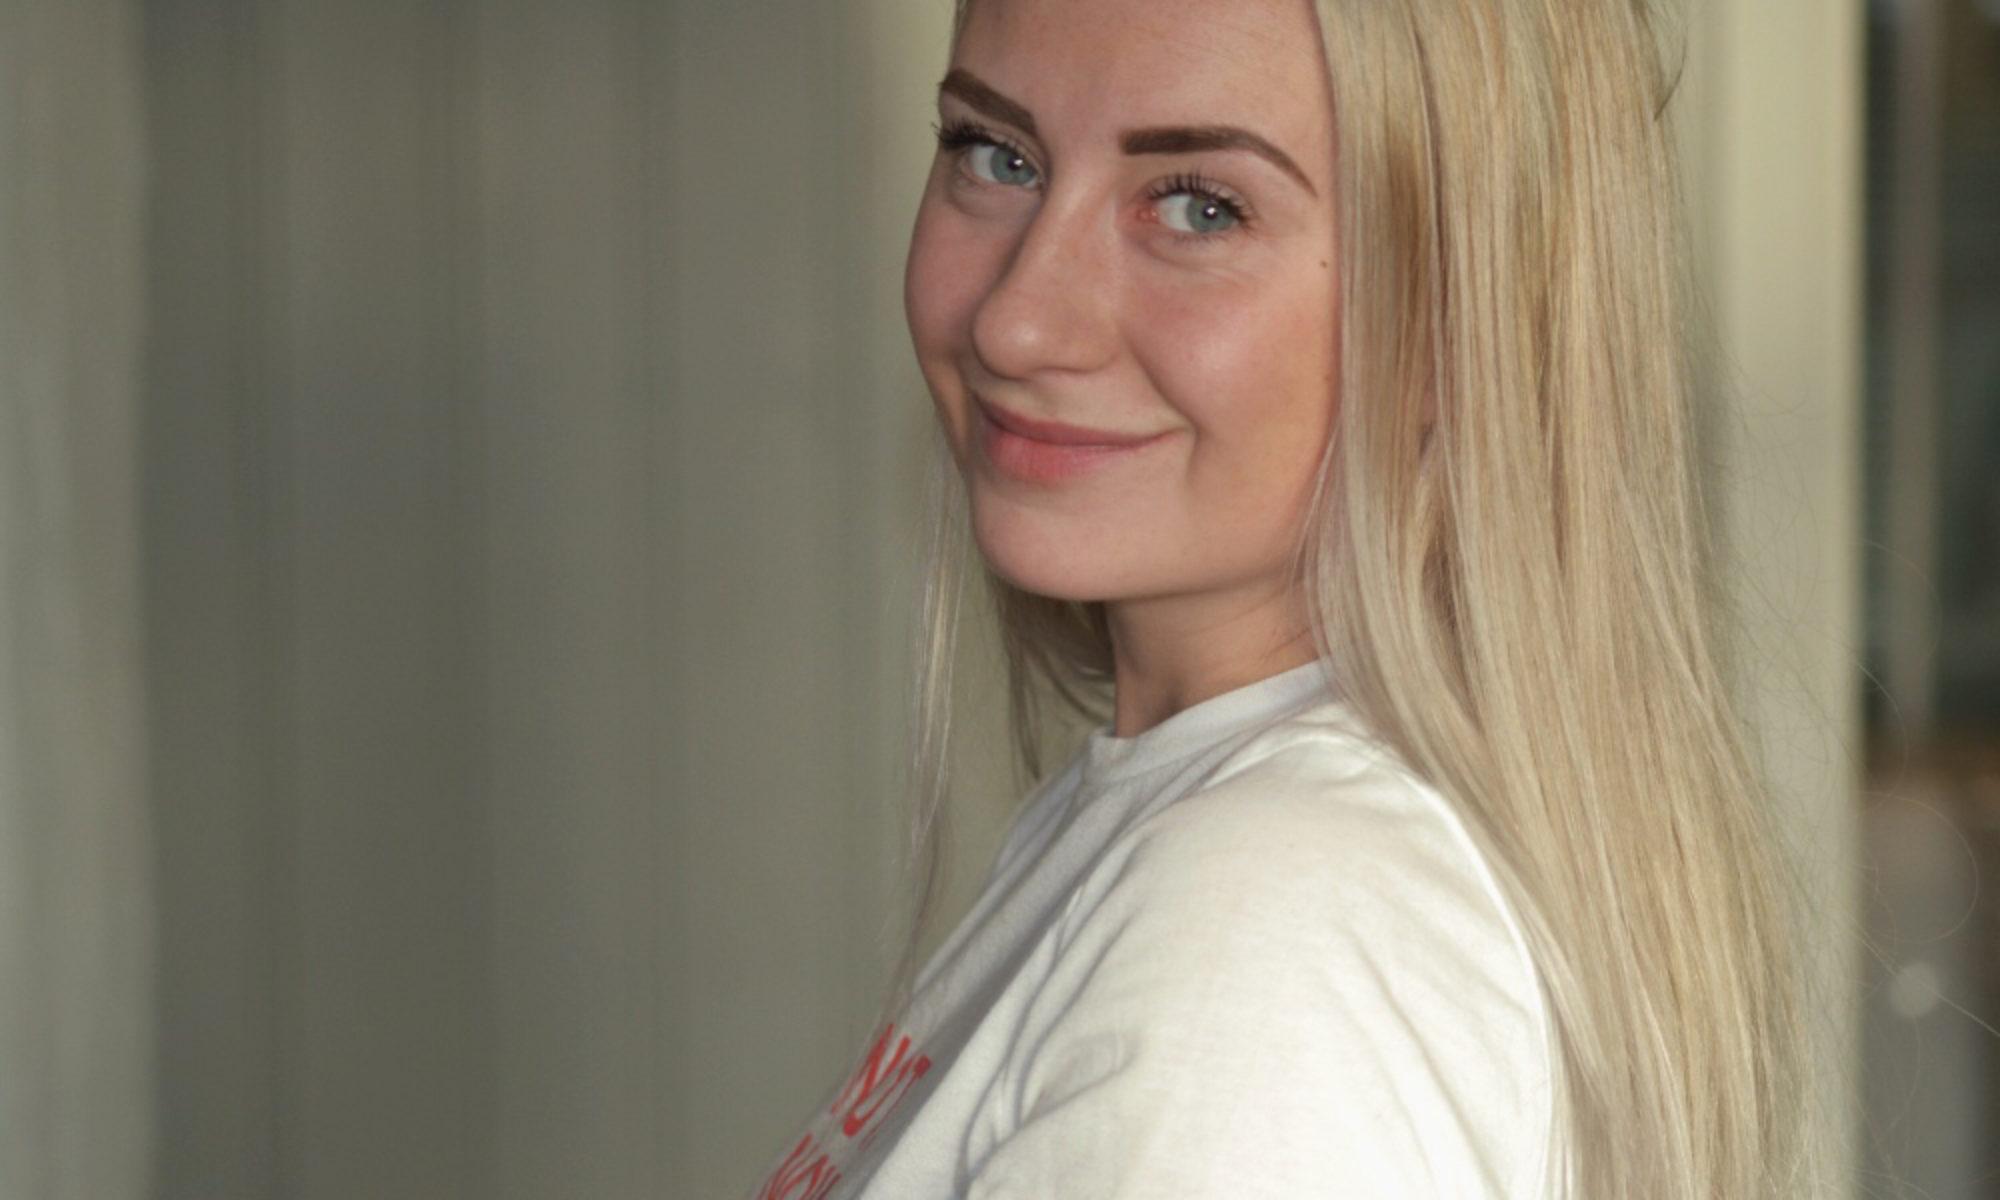 Marthe Sofie